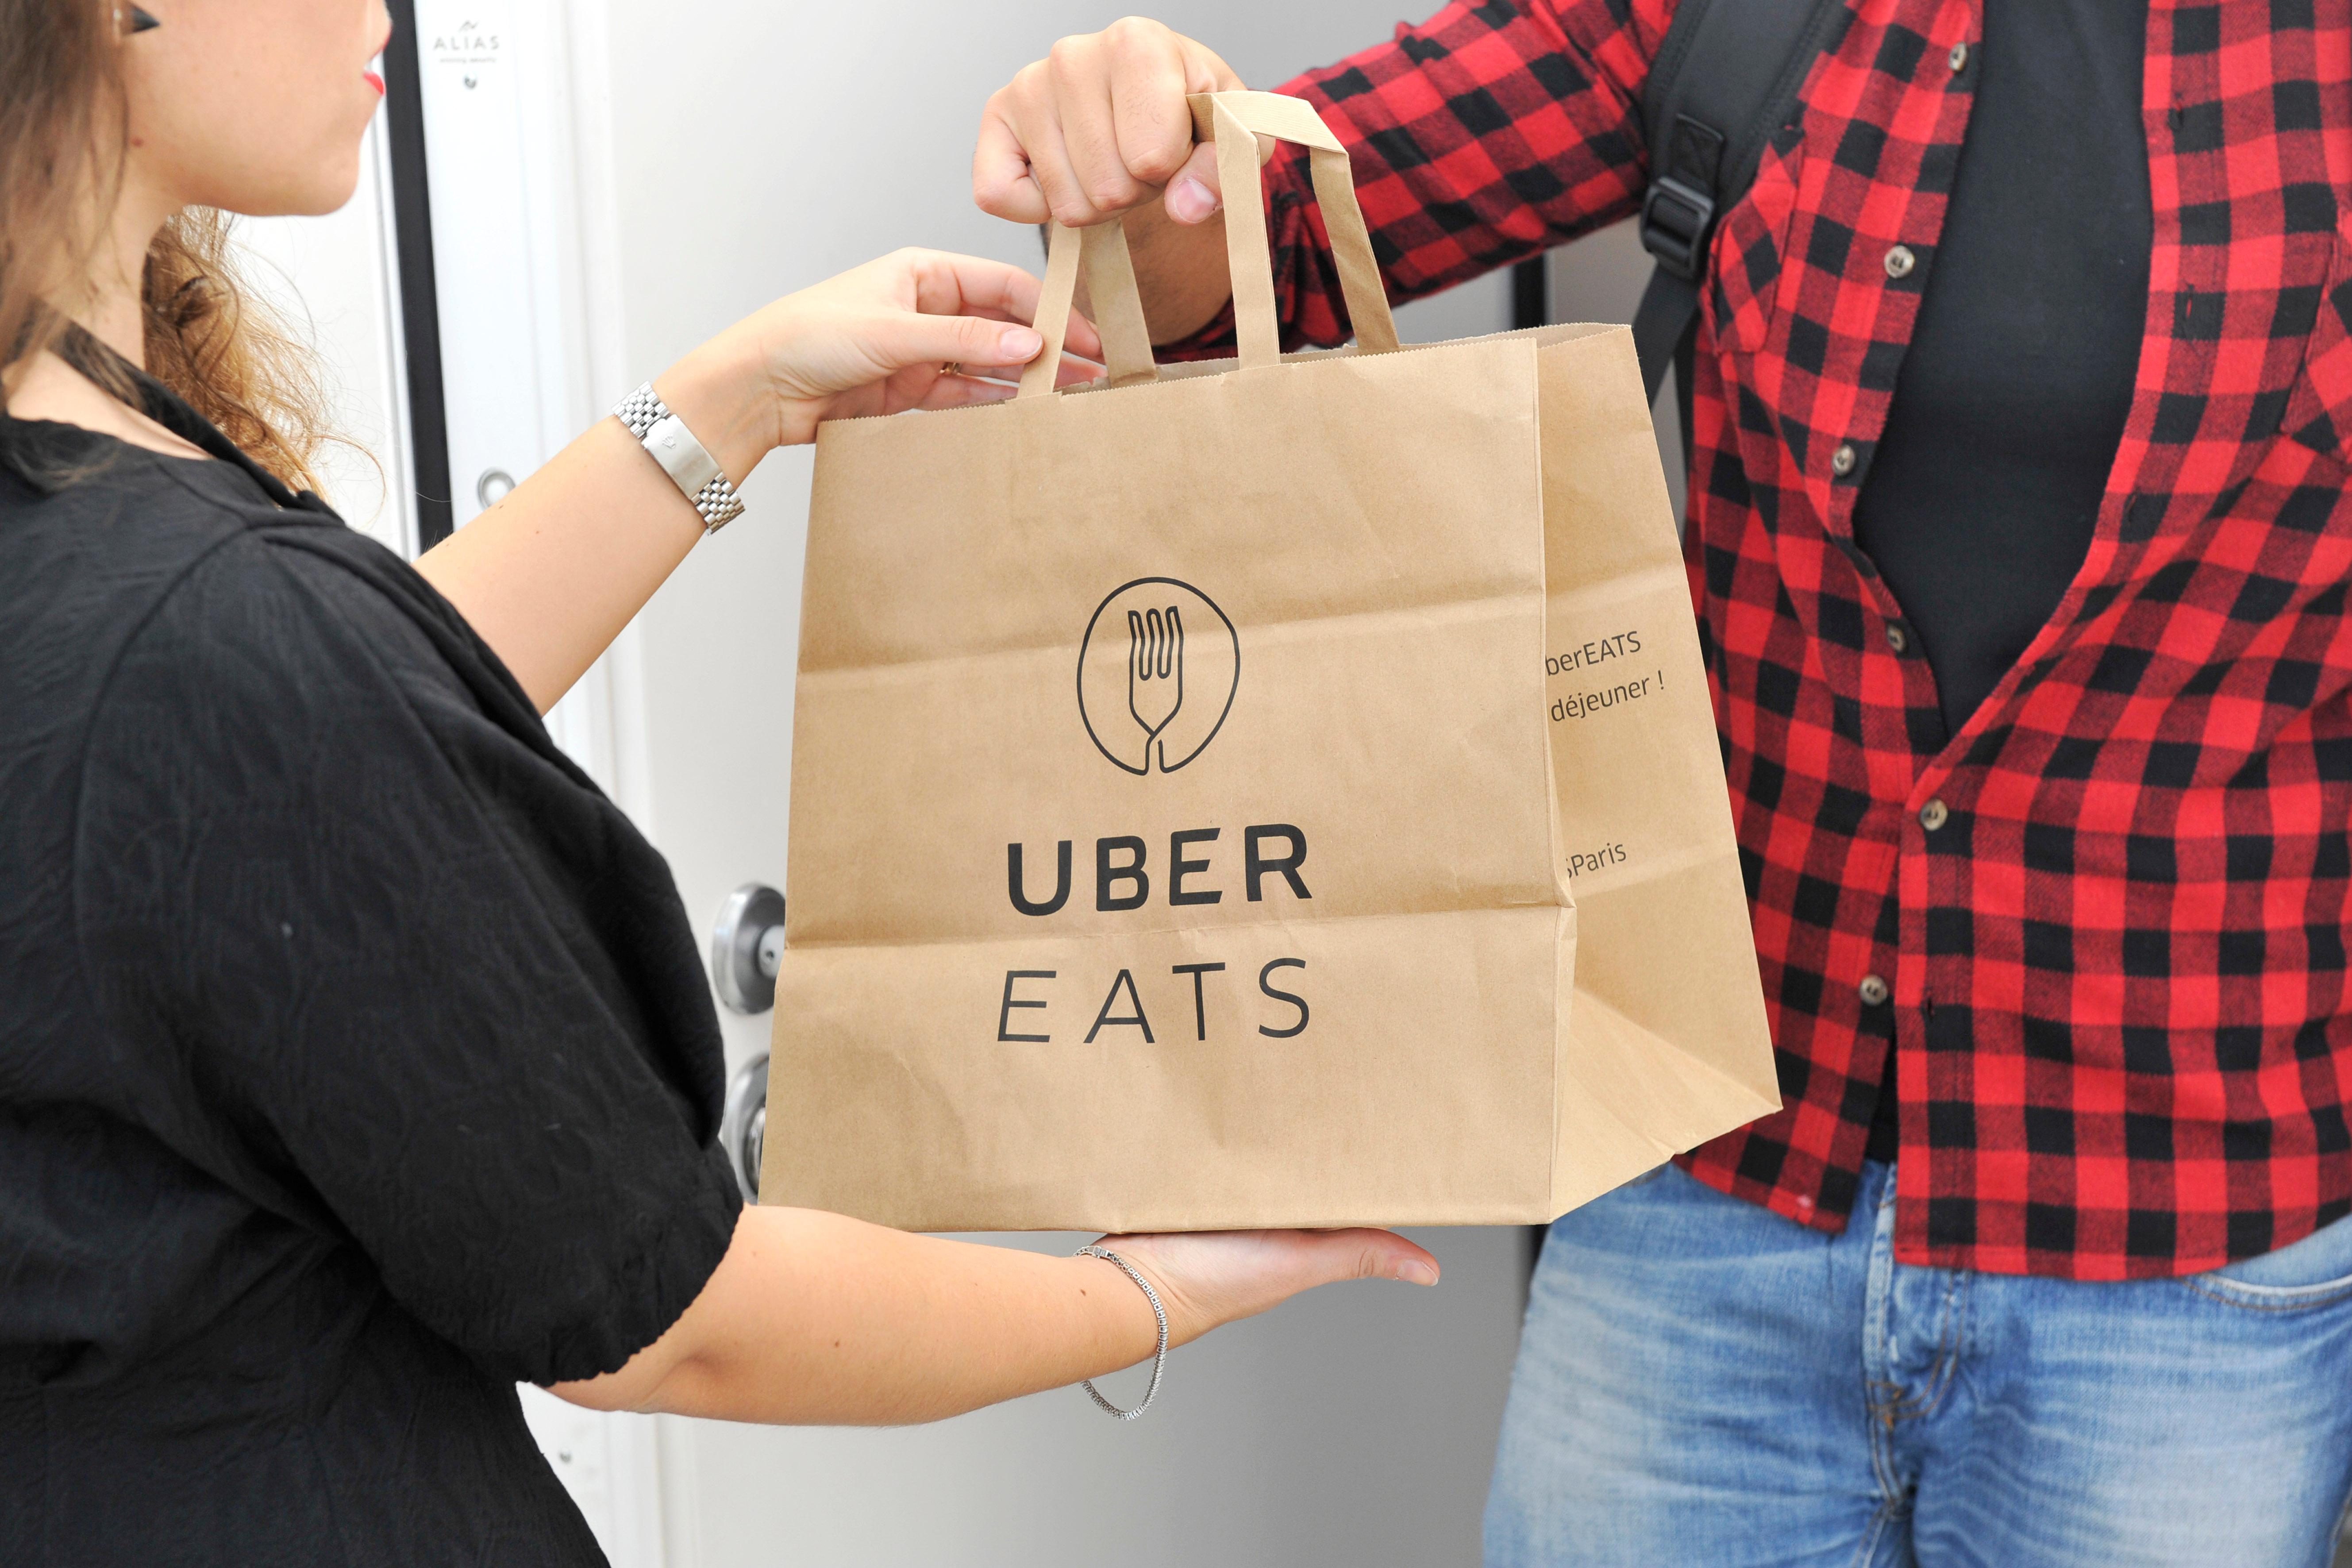 """一位身穿红黑格子衬衫的Uber Eats快递员递给顾客一个写着""""Uber Eats""""的纸袋。"""